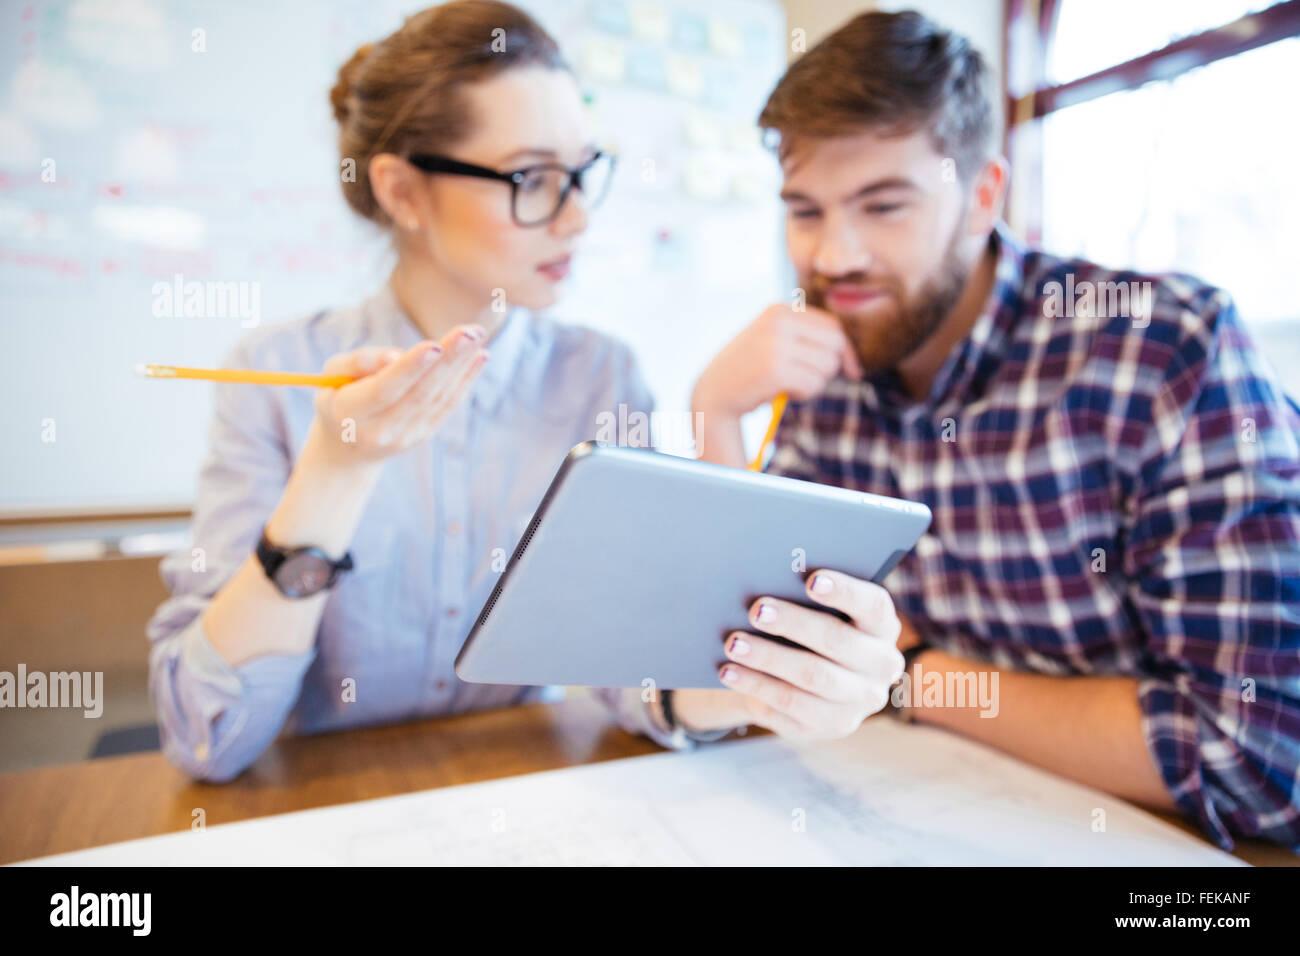 Deux personnes travaillant avec tablet computer in office. L'accent sur tablet computer Banque D'Images